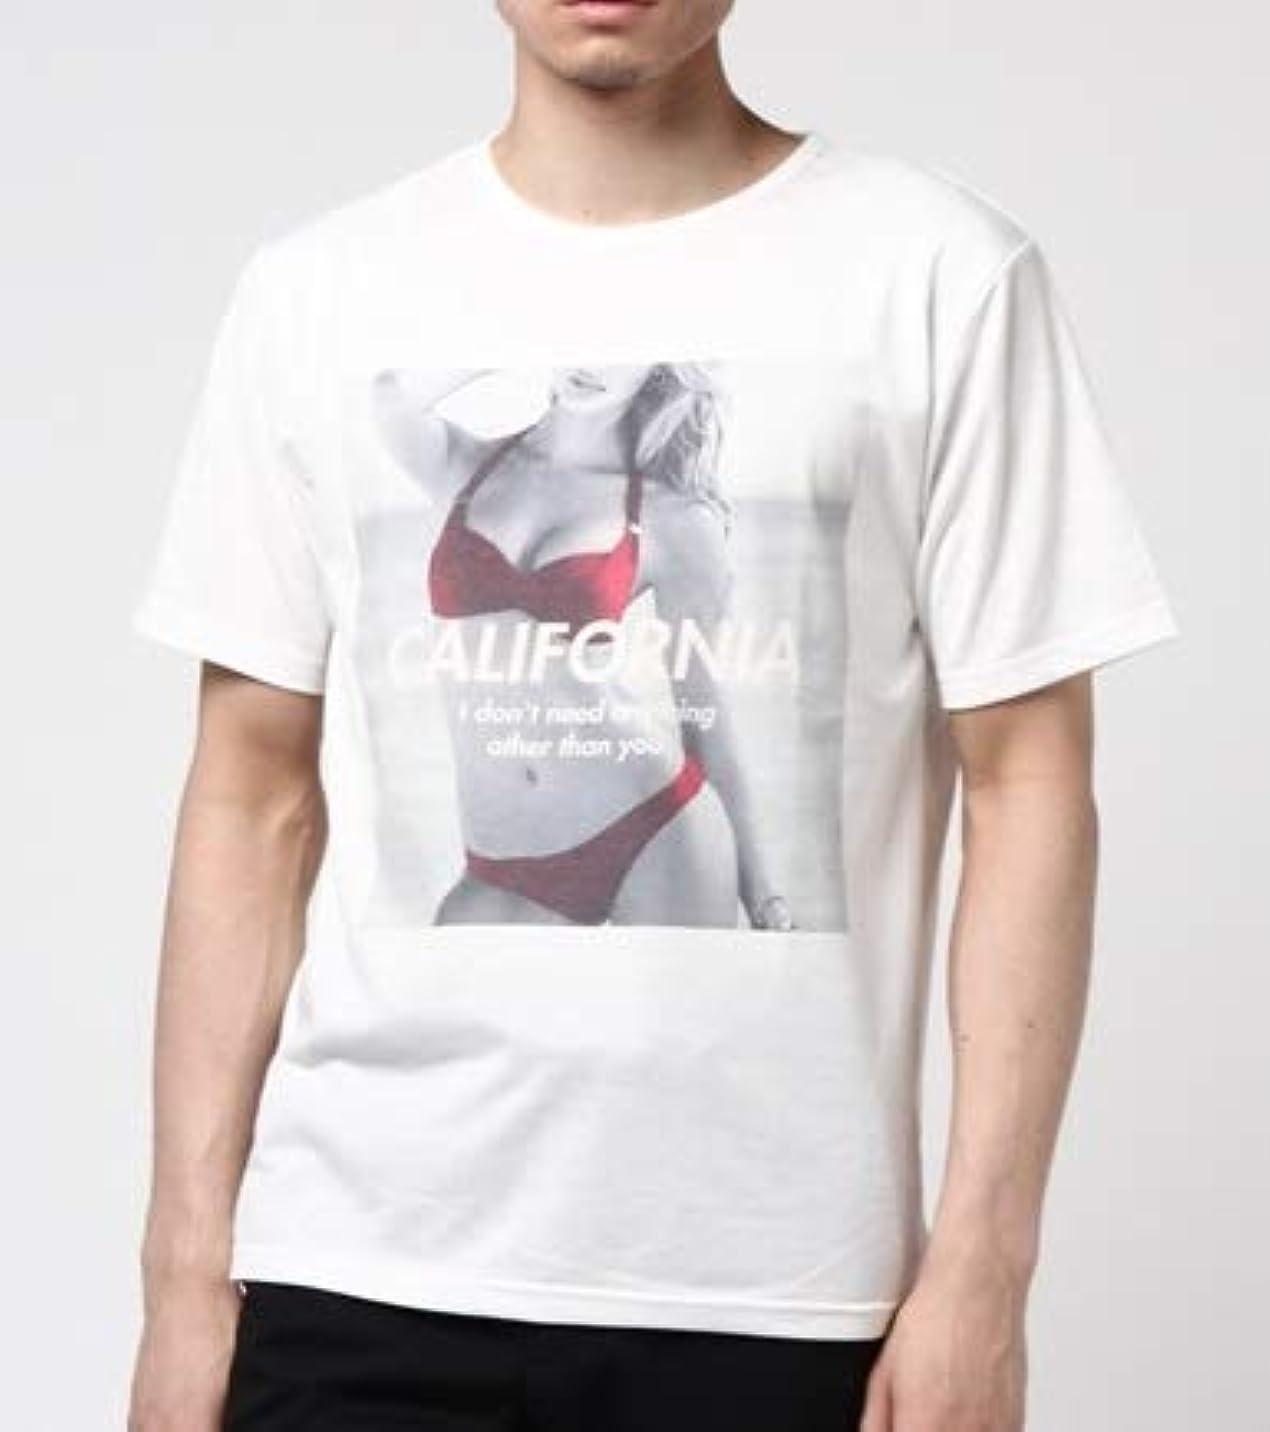 誤解させる前提条件脇に(アドミックス/アトリエサブメン) ADMIX/ATELIER SAB MEN Tシャツ 半袖フォトプリントT 02-66-9108